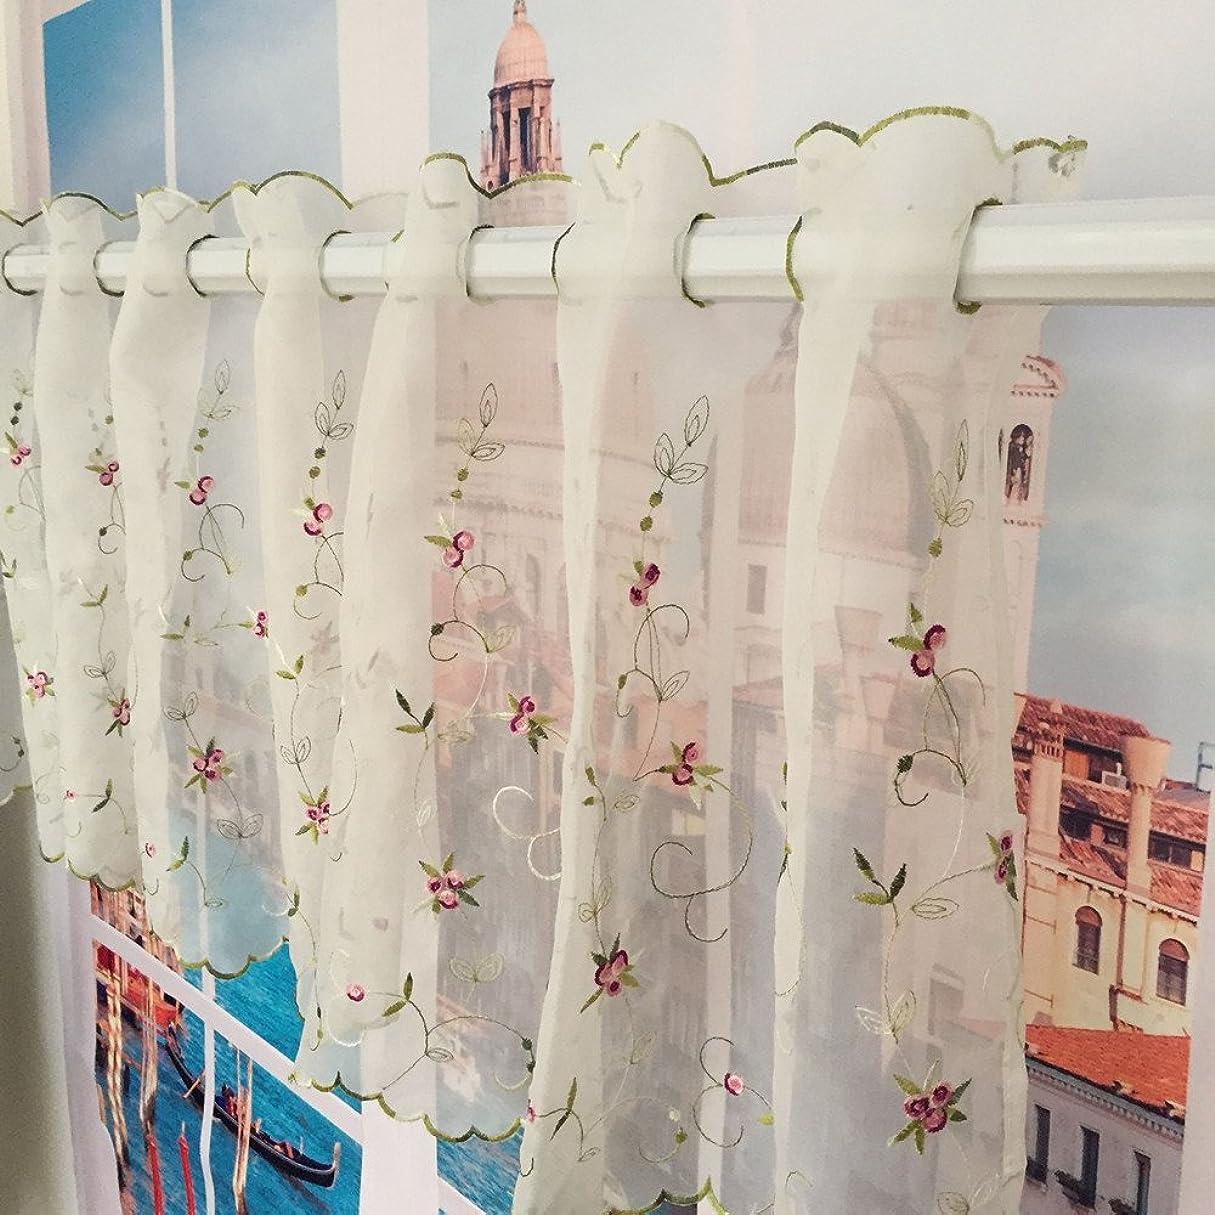 ニンニクアドバンテージ抵抗ZHH国スタイルバランスフローラル刺繍薄手レースカフェカーテン、葉のパターン、花、ホワイト幅150cm×丈60cm